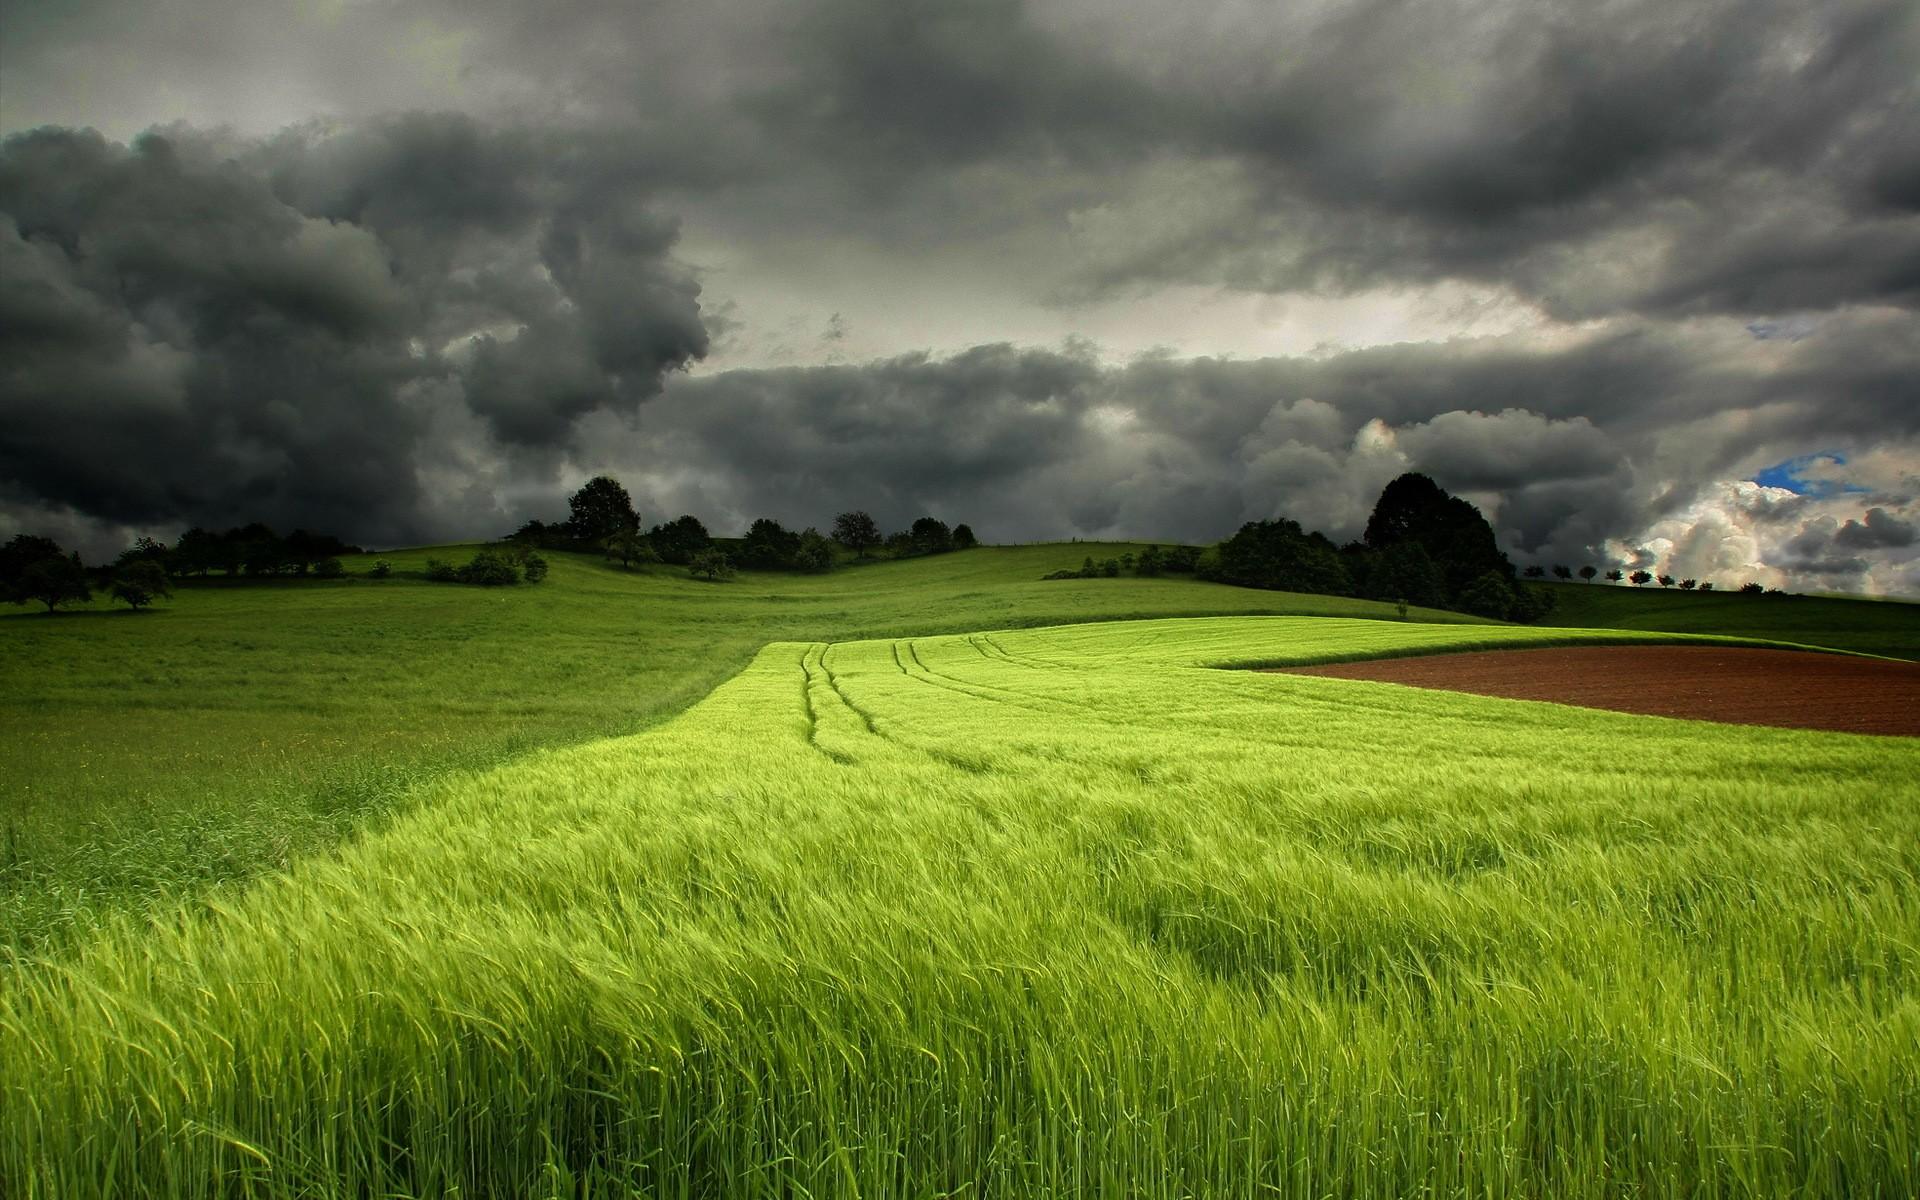 природа поле трава зеленая  № 610577 загрузить